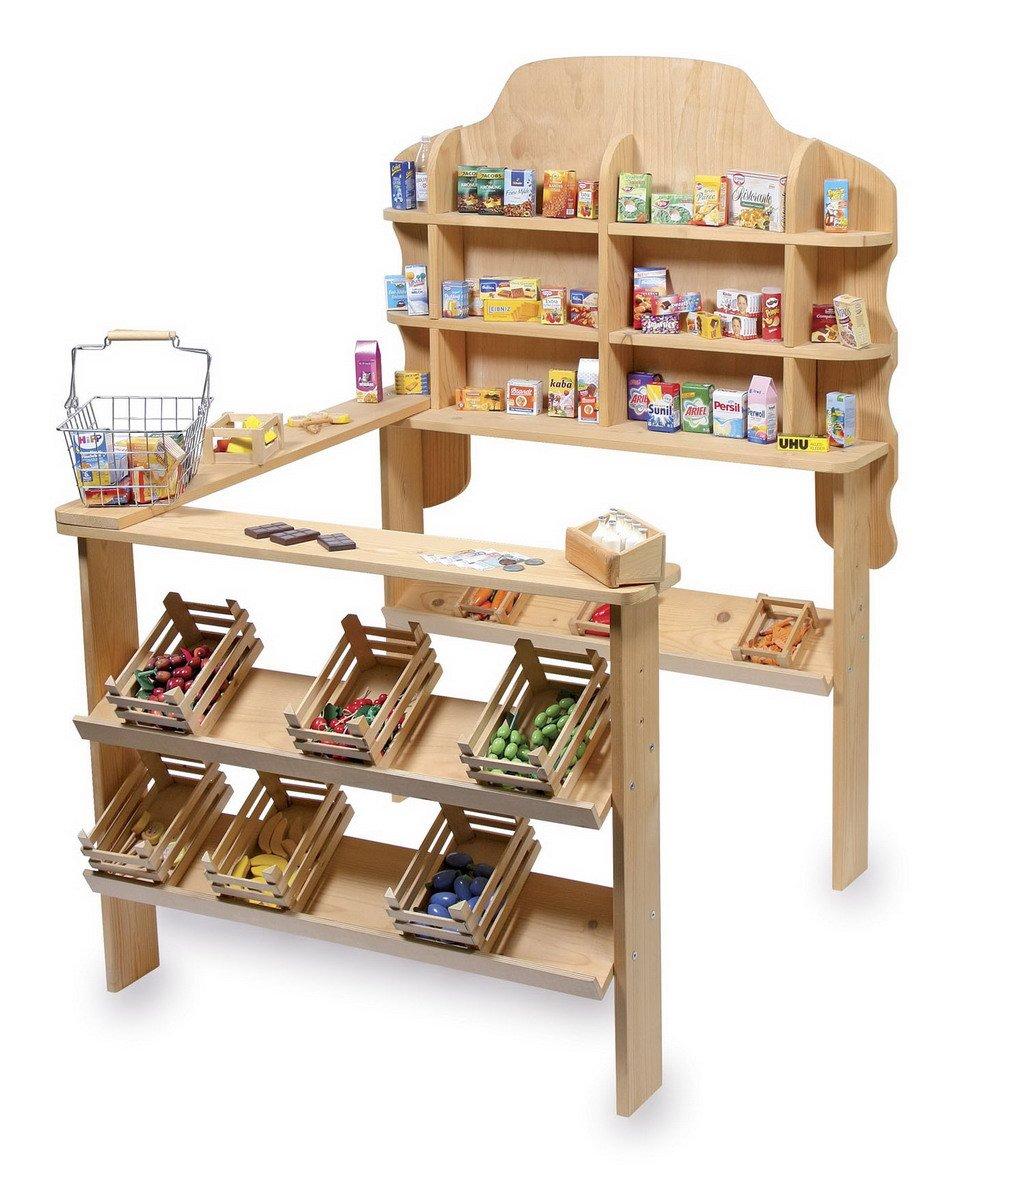 Childrens Wooden Toy Shop Counter günstig online kaufen